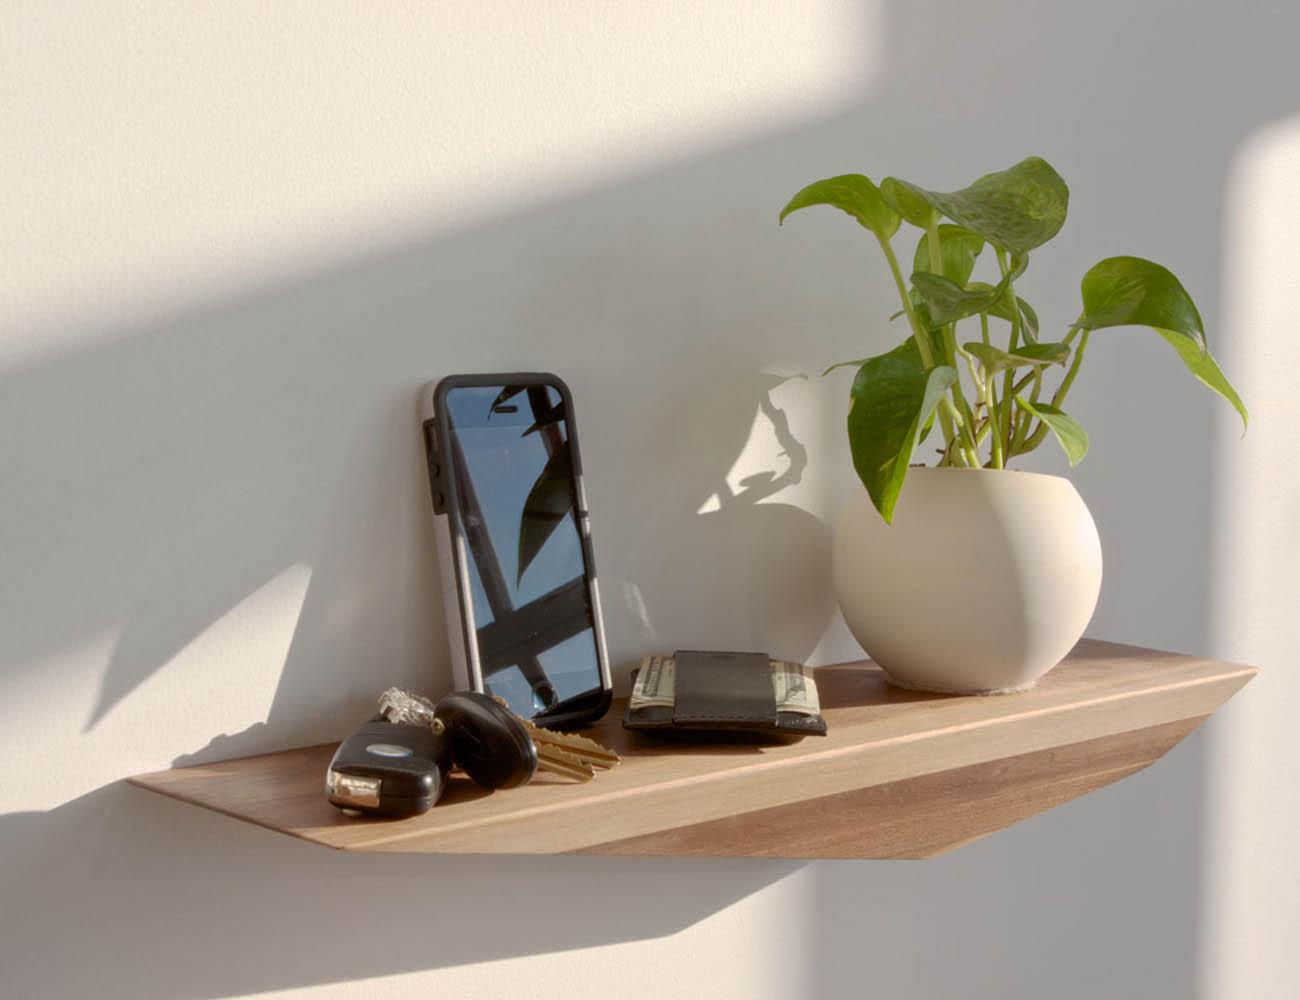 Peliships Floating Shelves by David Hsu Design